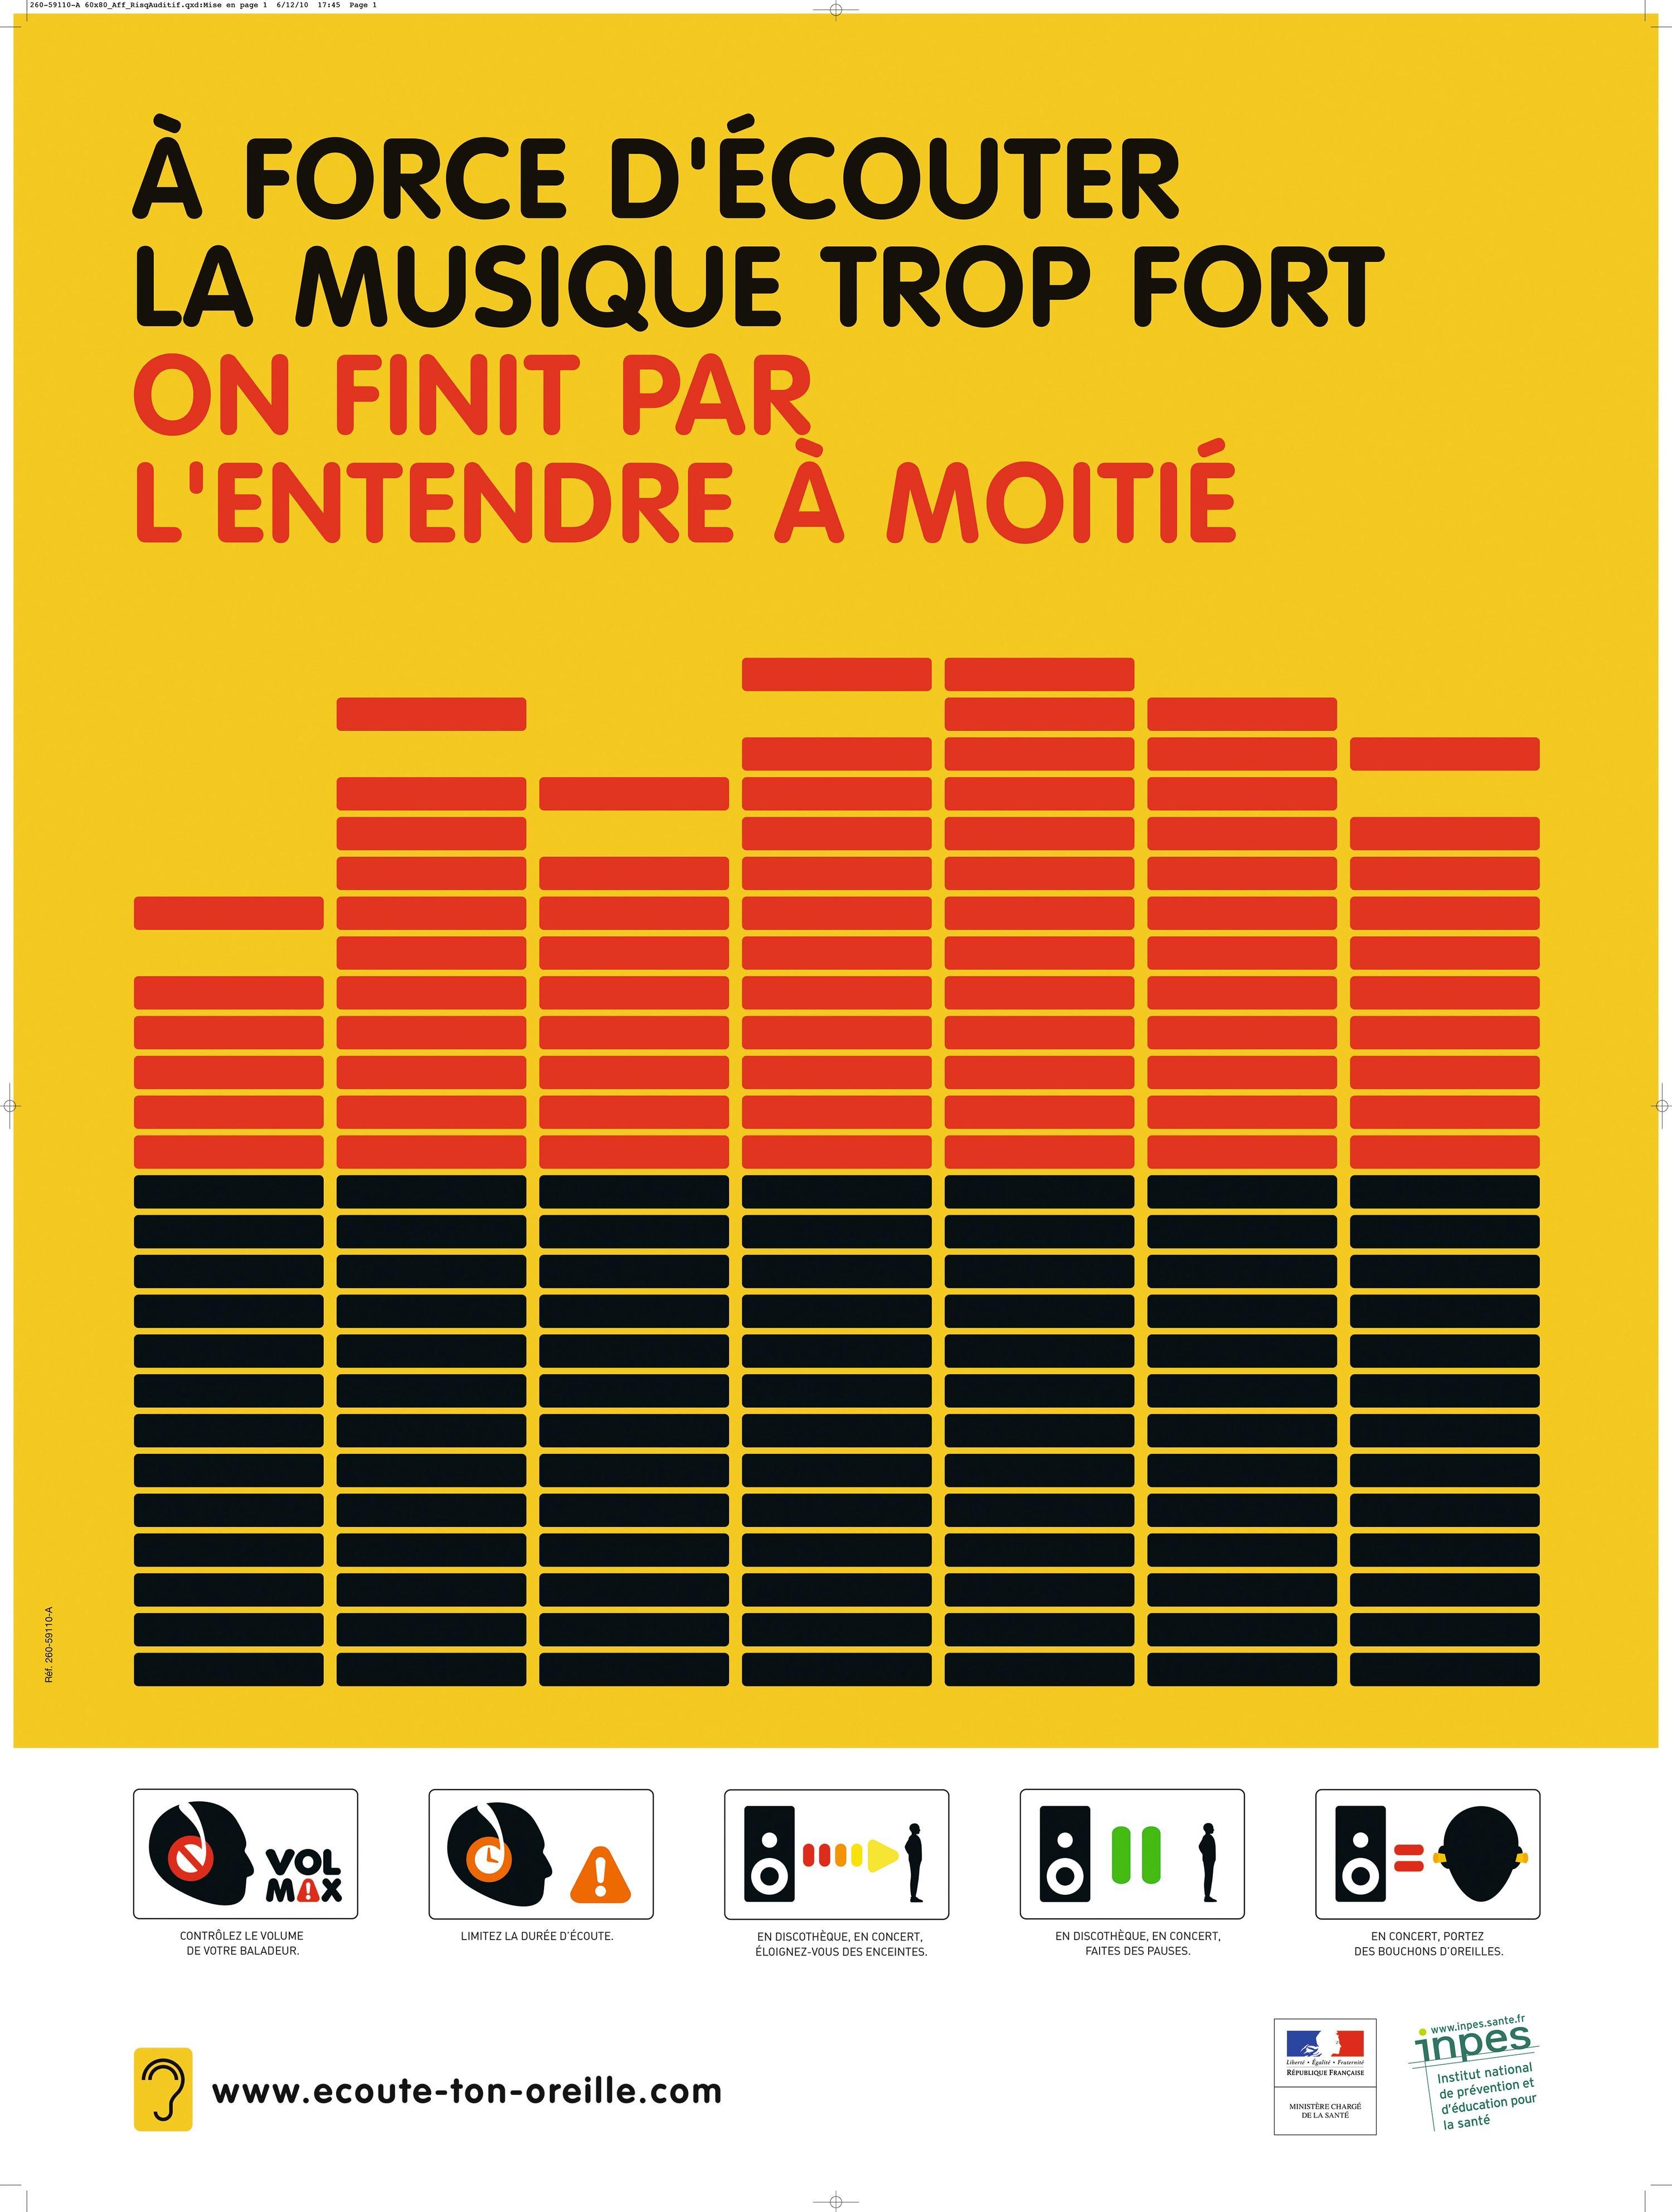 Affiche de prévention sur les risques auditifs liés à l'écoute de musique